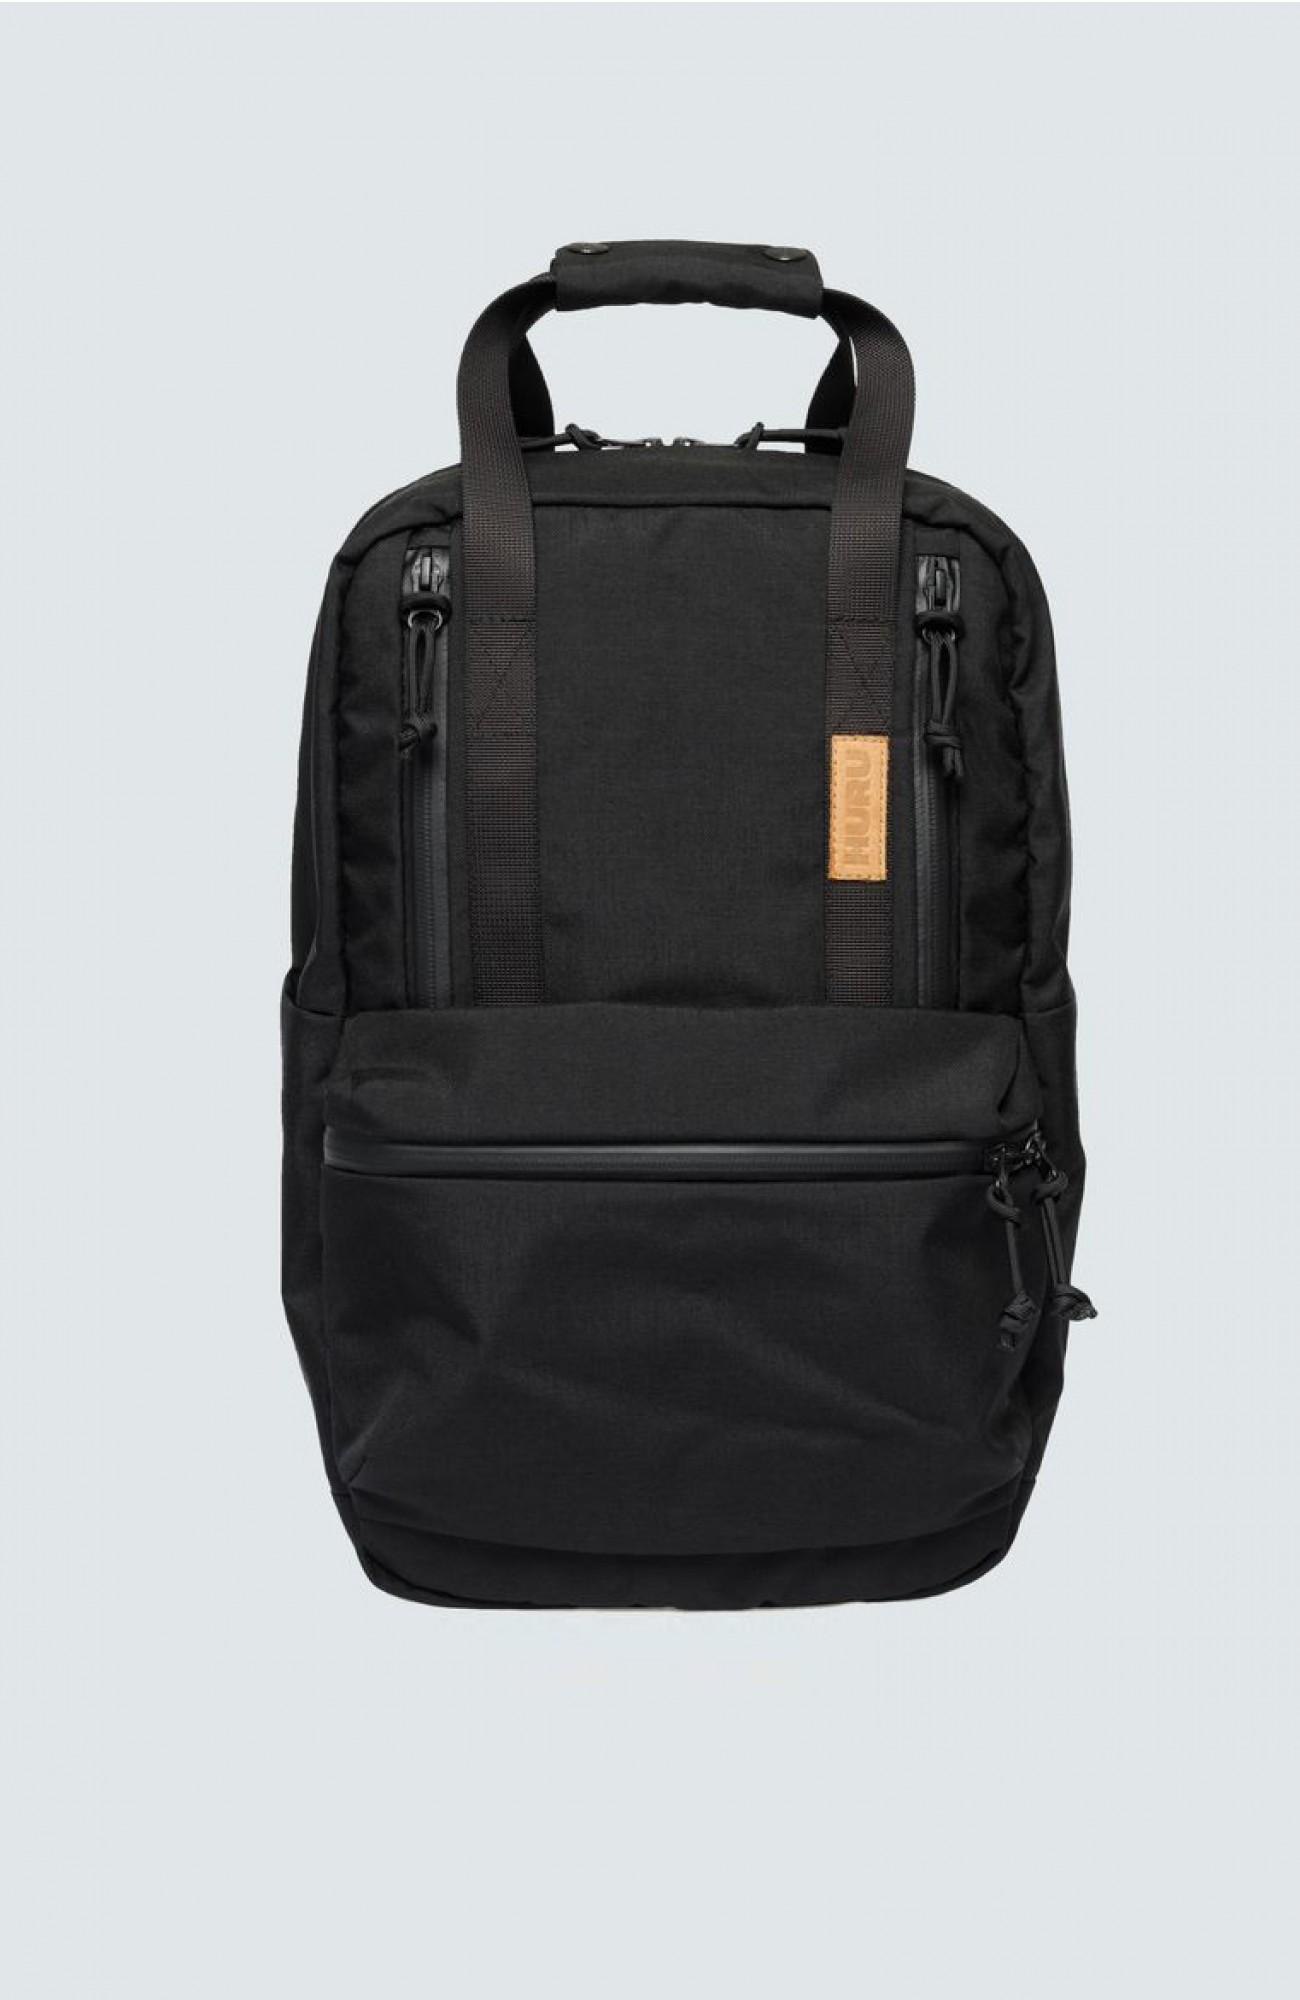 Рюкзак HURU, model S, black